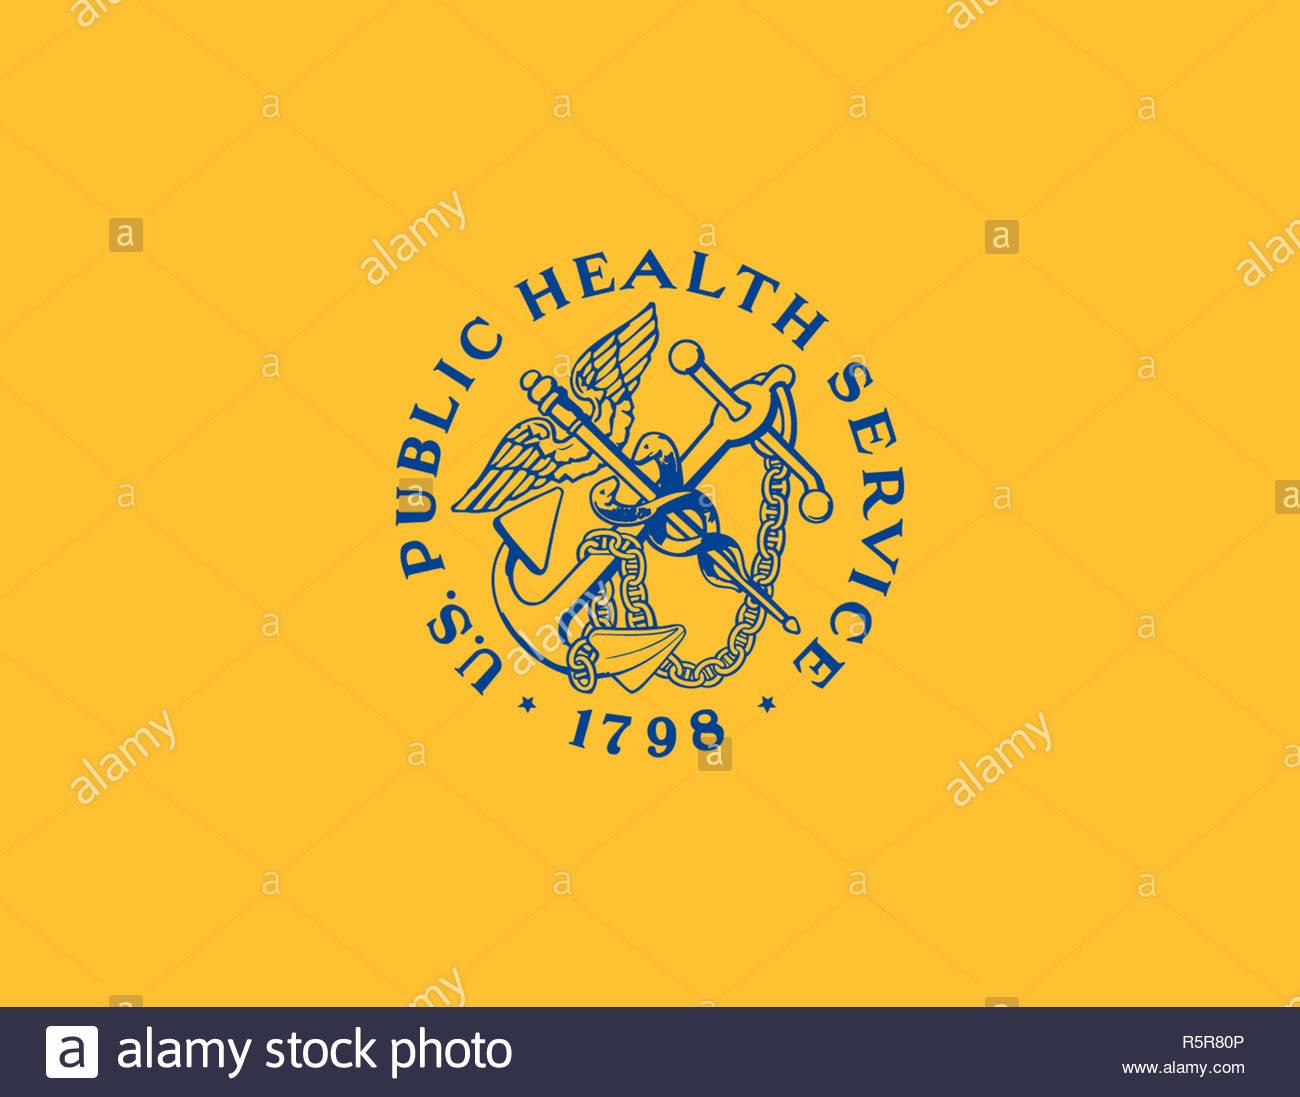 United States Public Health Service logo Zeichen Stockbild